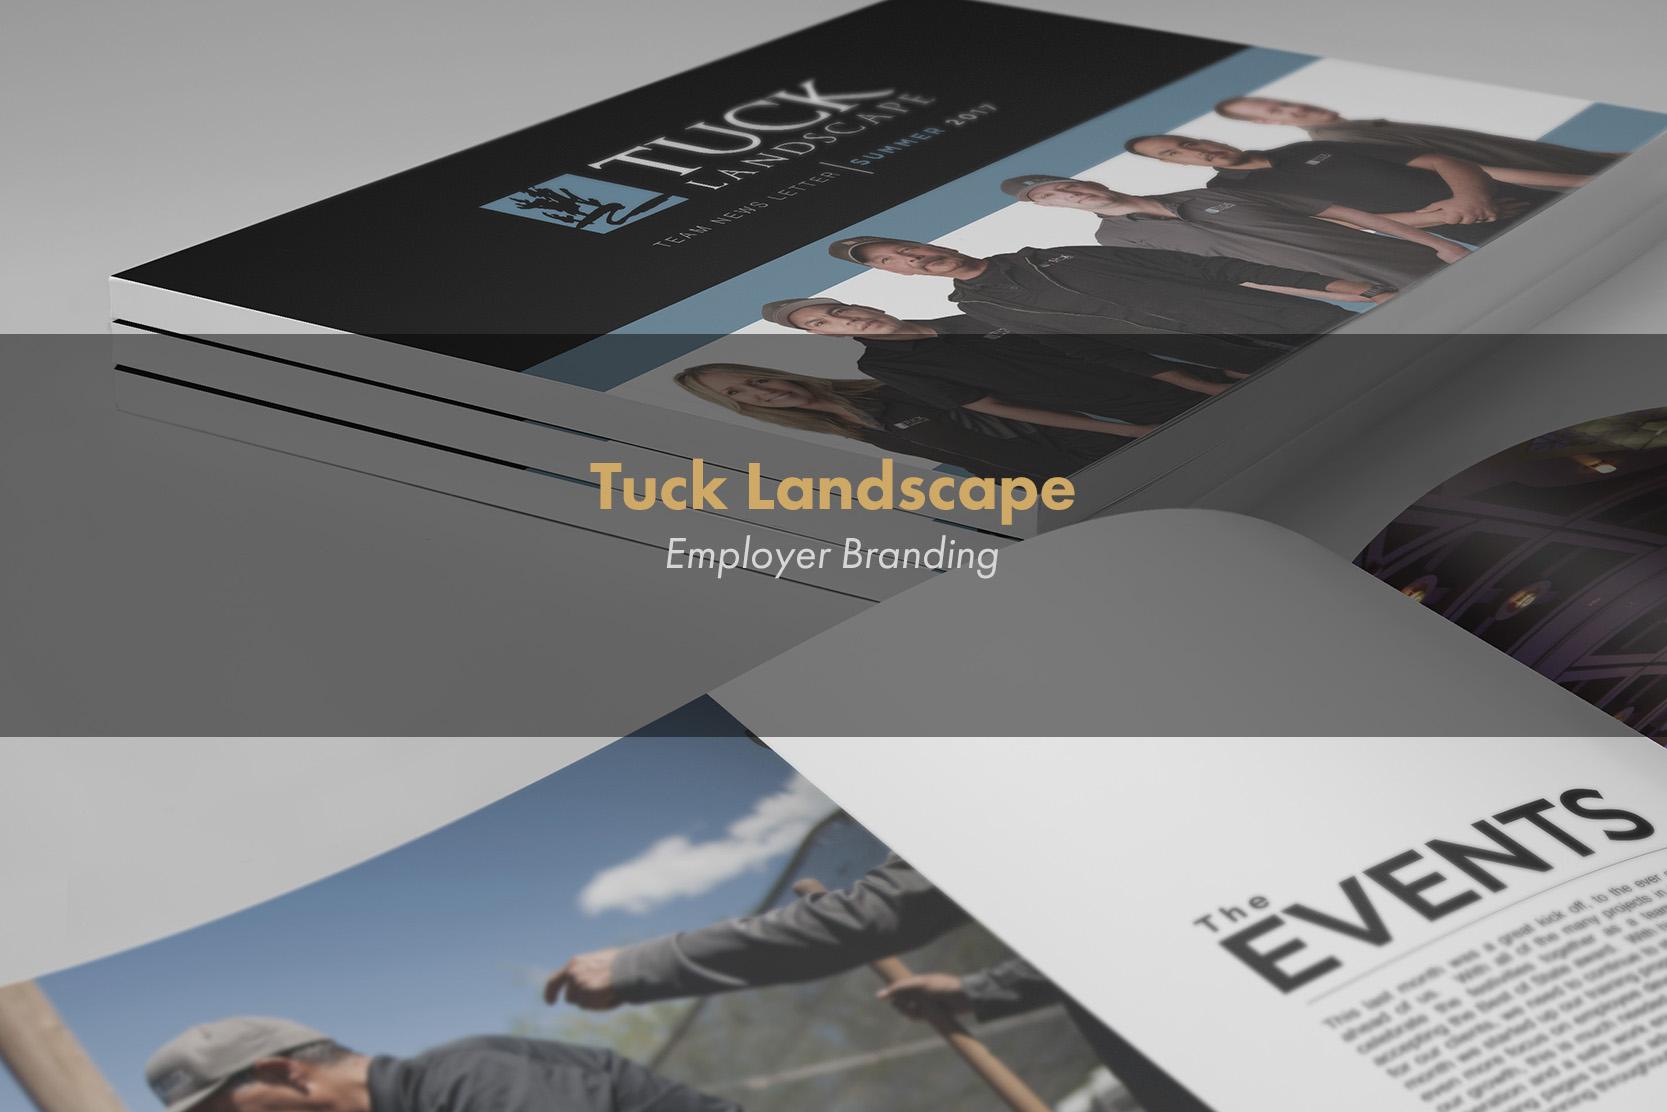 TuckLandscape.jpg